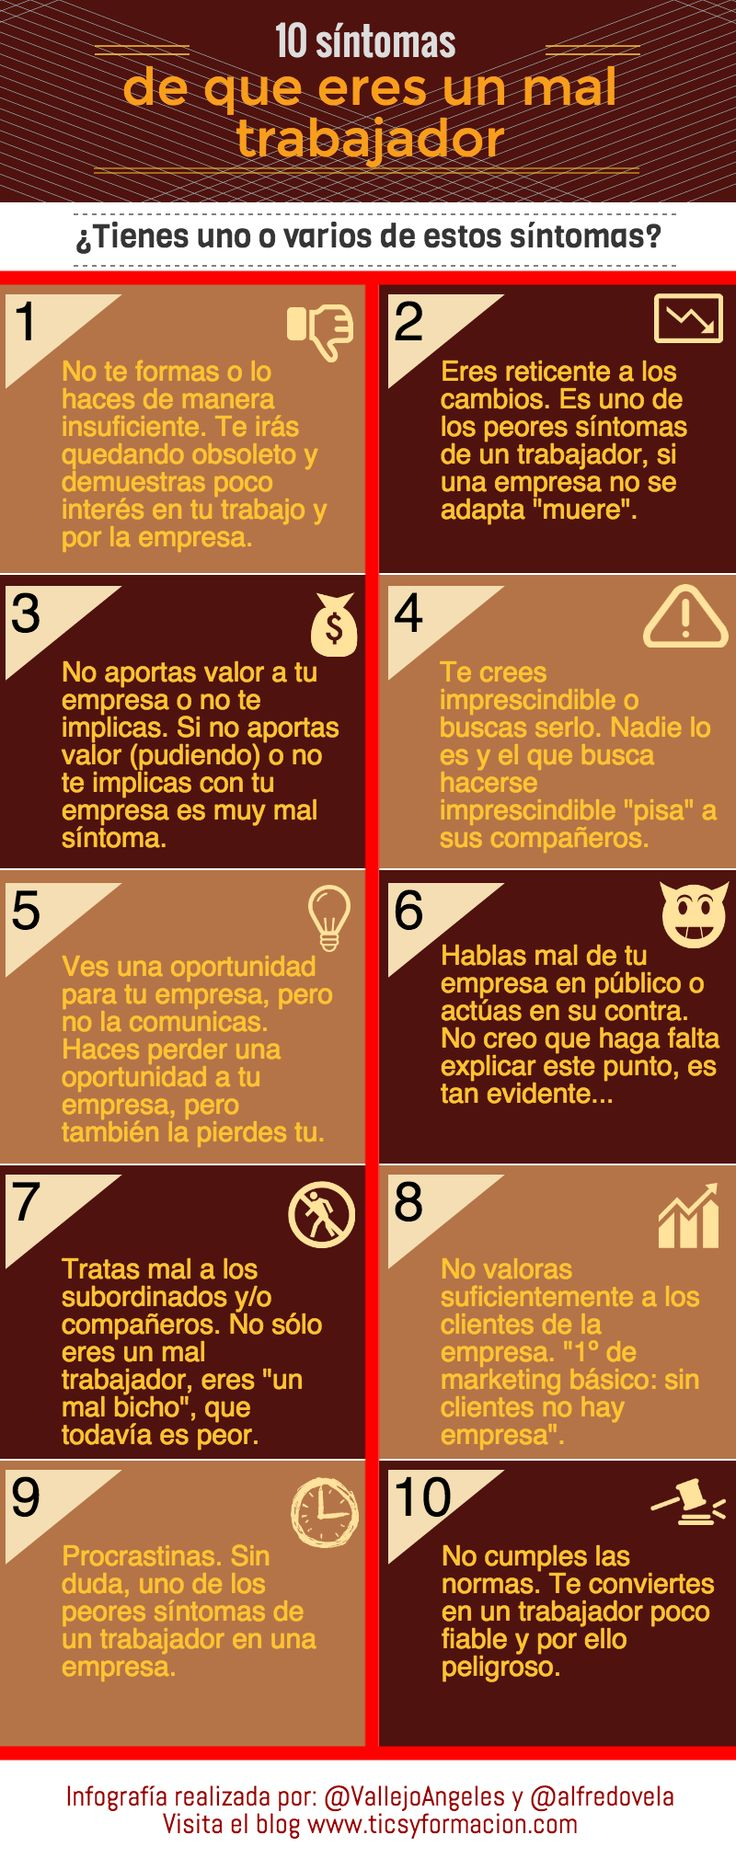 10 síntomas de que eres un mal trabajador